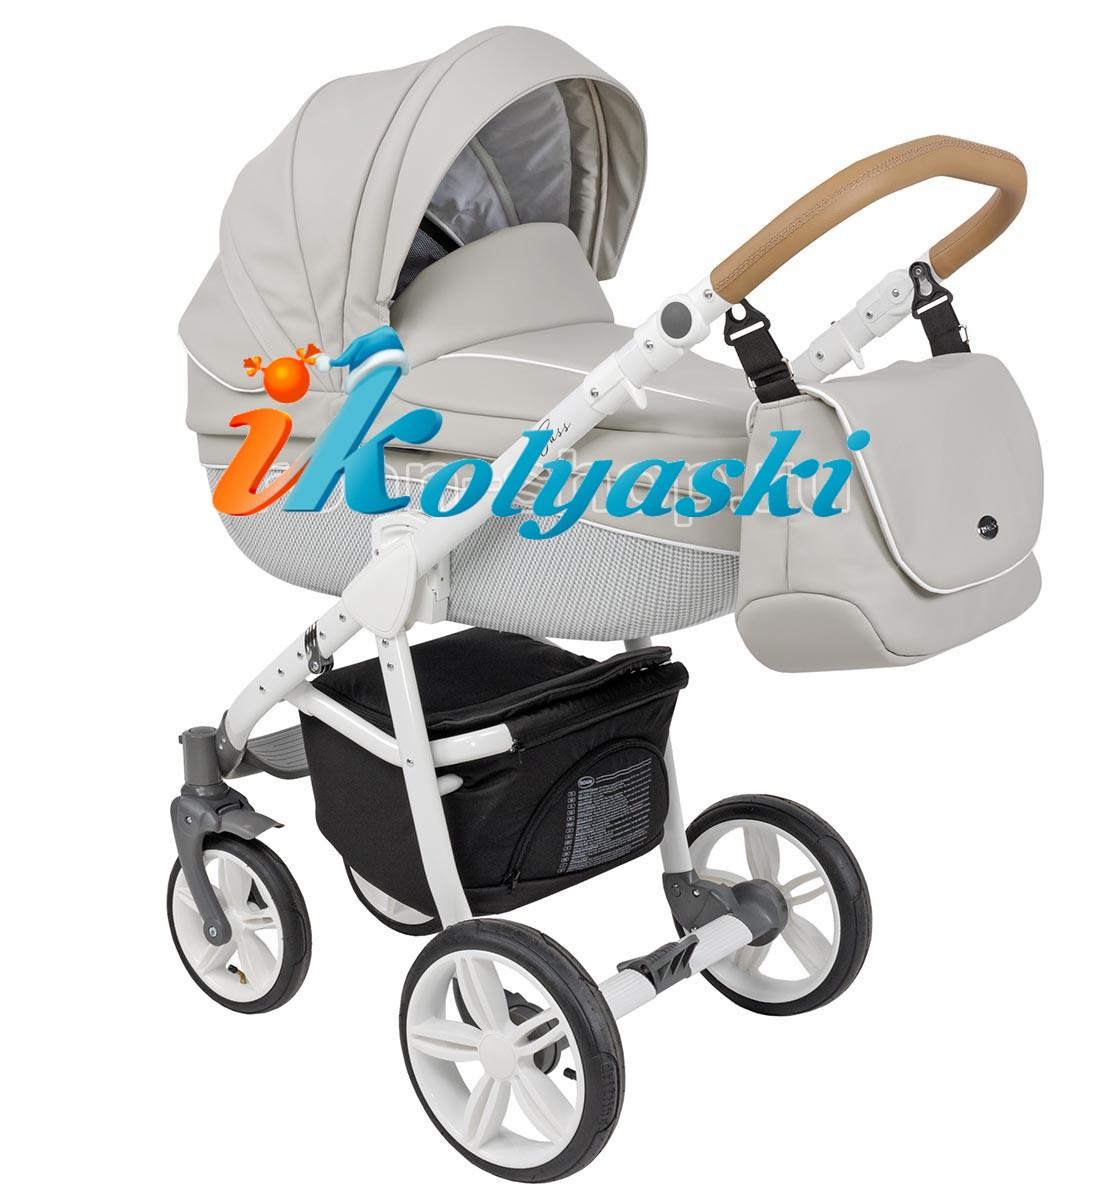 Roan Bass універсальна коляска 2 в 1, купити в Івано